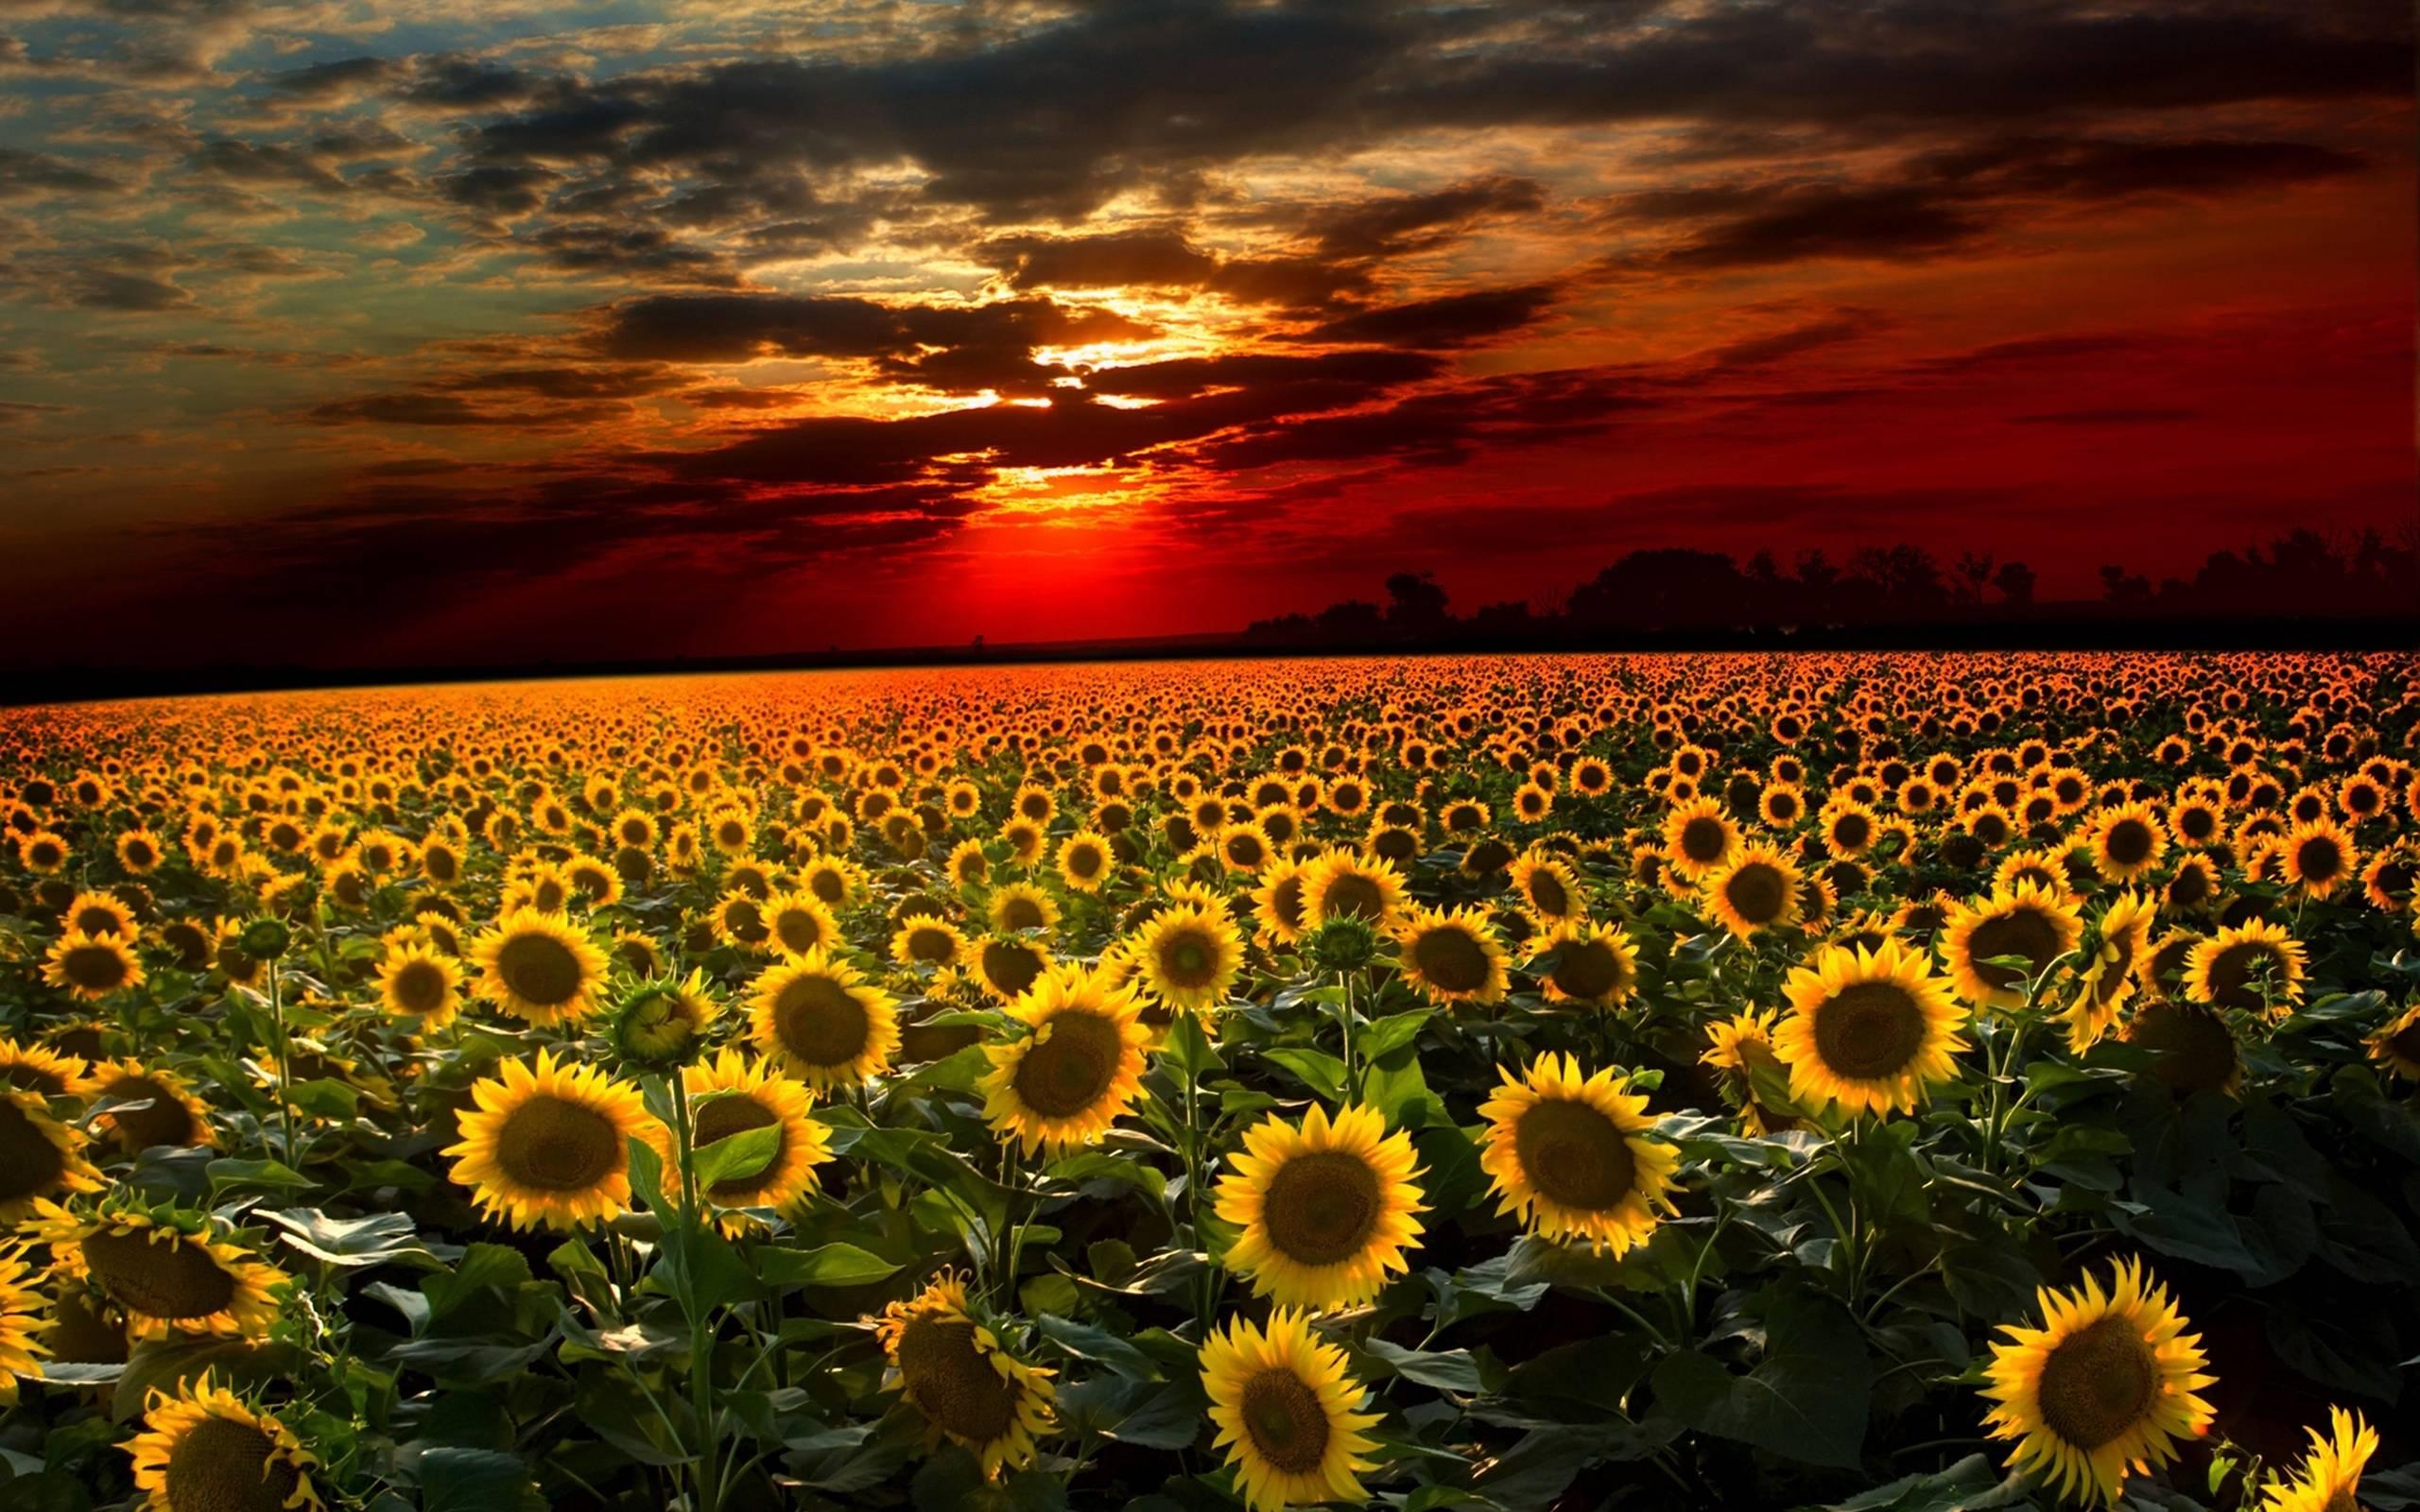 Hình ảnh hoa hướng dương đẹp nhất (4K) 24